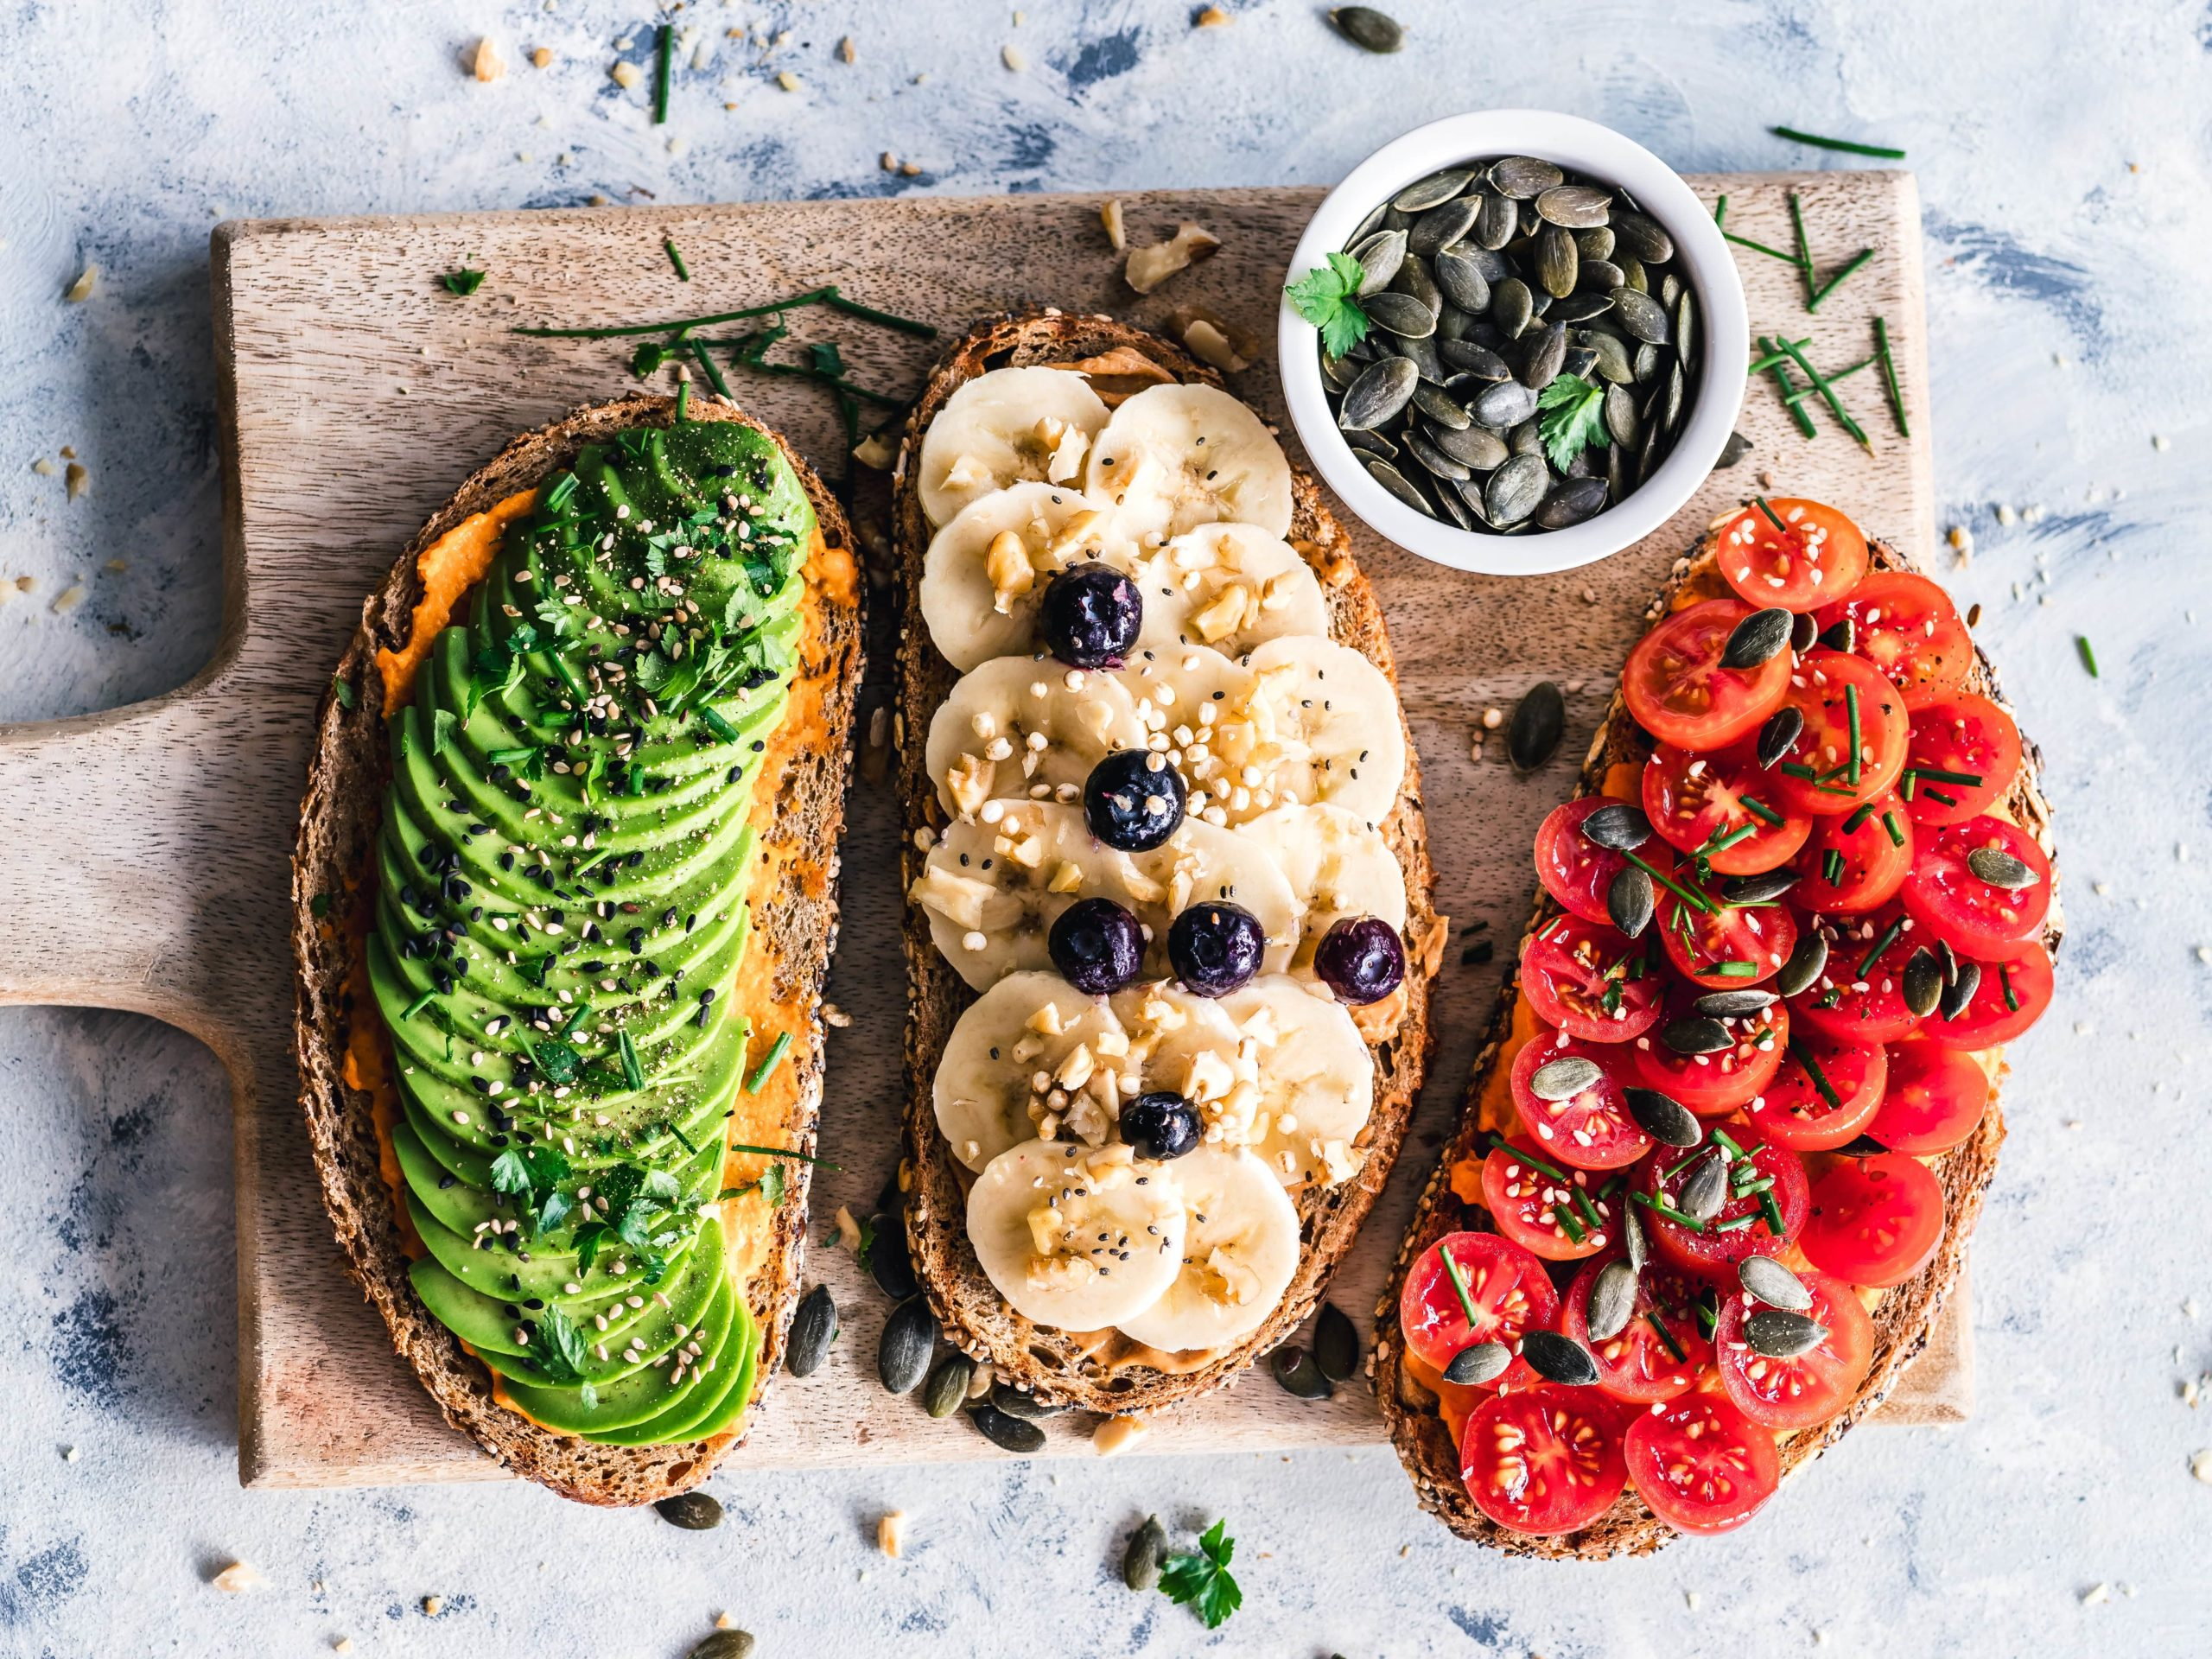 Végétarien, vegan, flexitarien : tout sur les nouveaux régimes